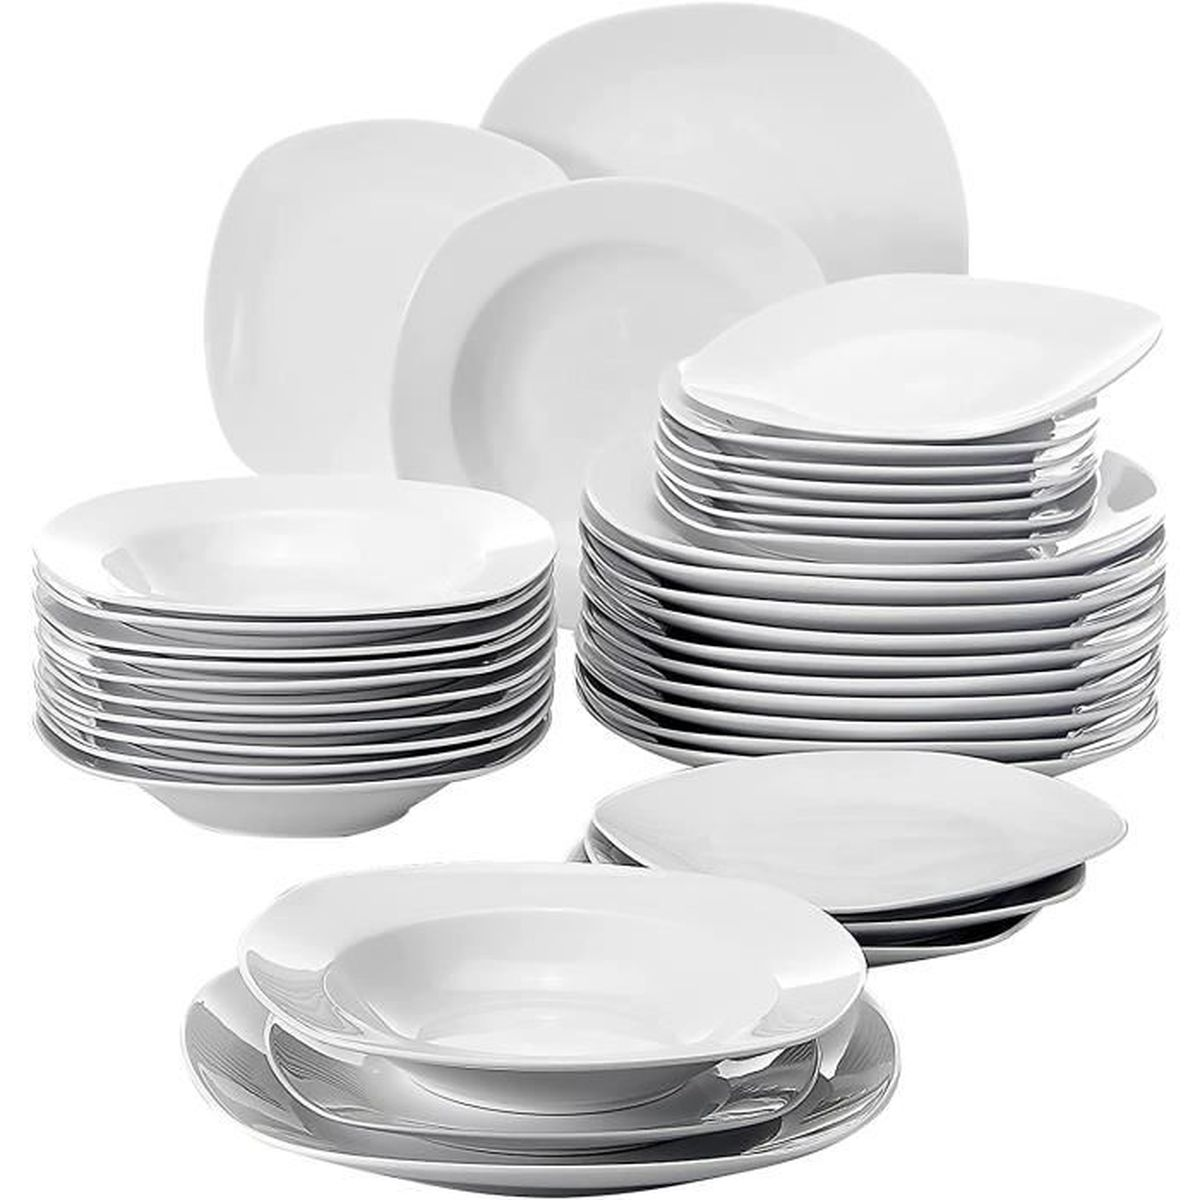 639caf13b5d10c ASSIETTE Malacasa Série ELISA 36pcs Service de Table Porcel